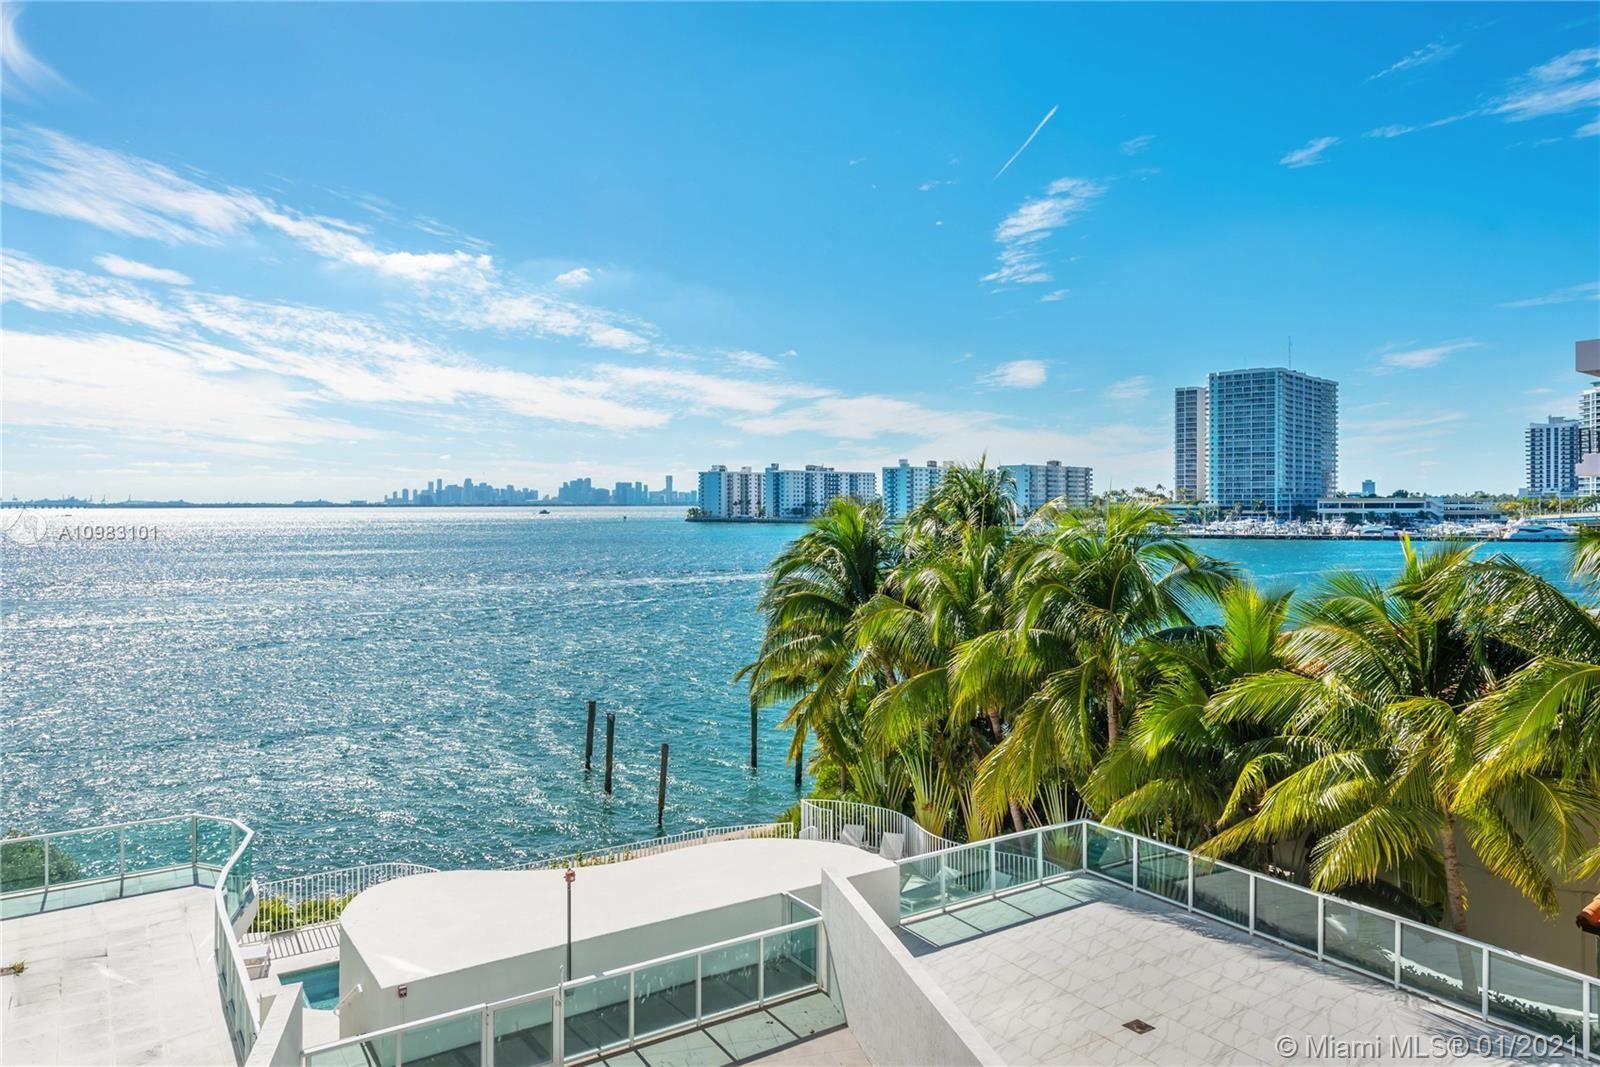 1910 Bay Dr #402, Miami Beach, FL 33141 - #: A10983101